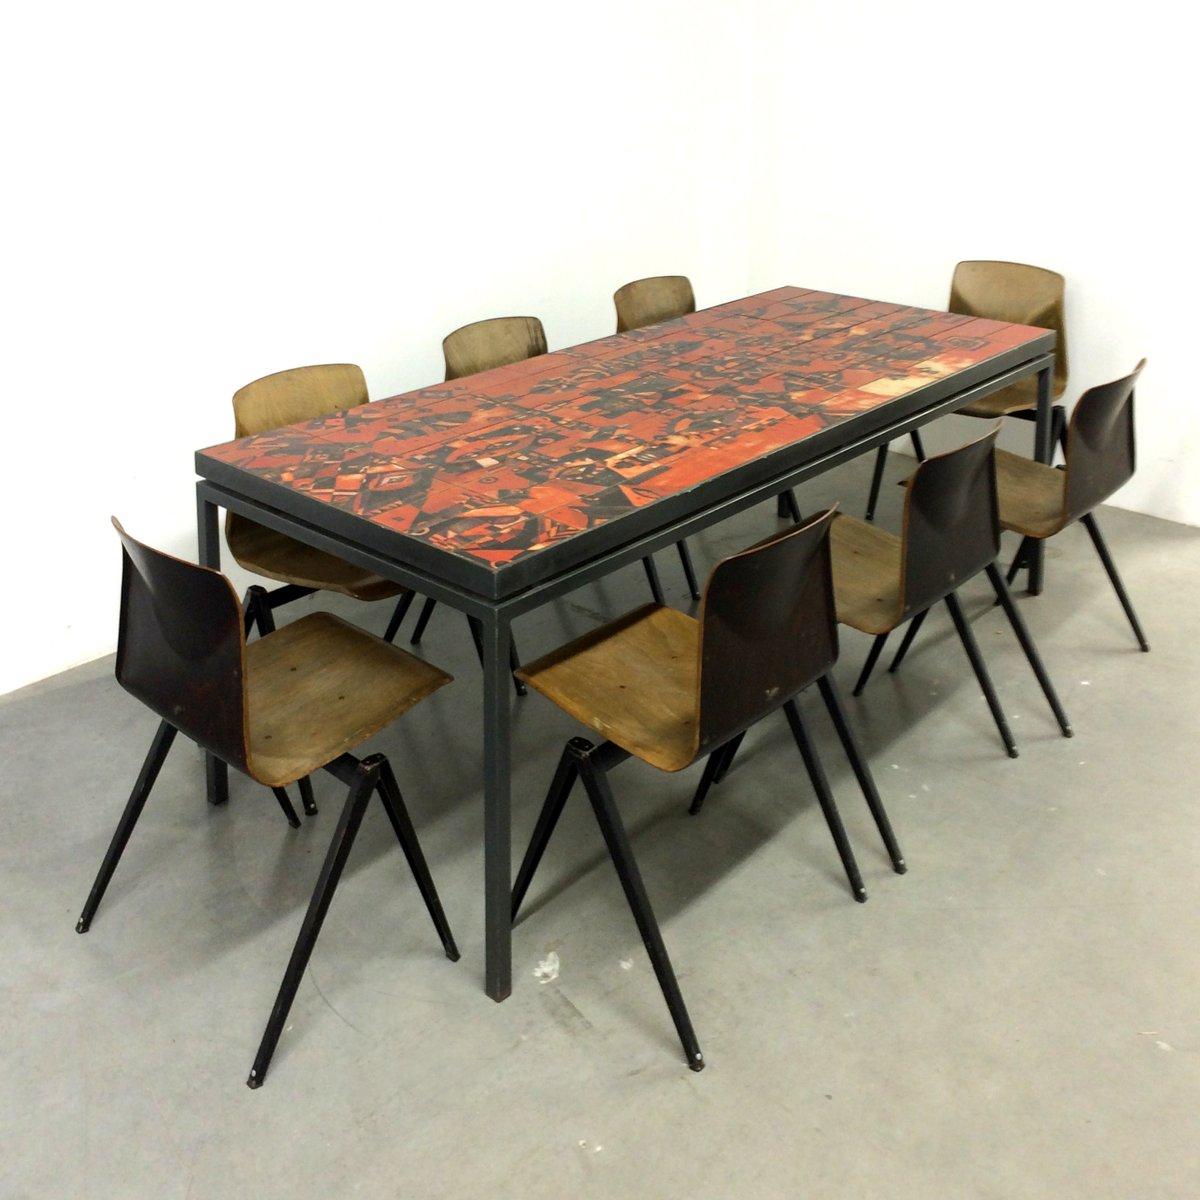 Tavolo da pranzo fatto a mano con superficie di piastrelle di wilhelm elly kuch 1967 in - Tavolo con piastrelle ...